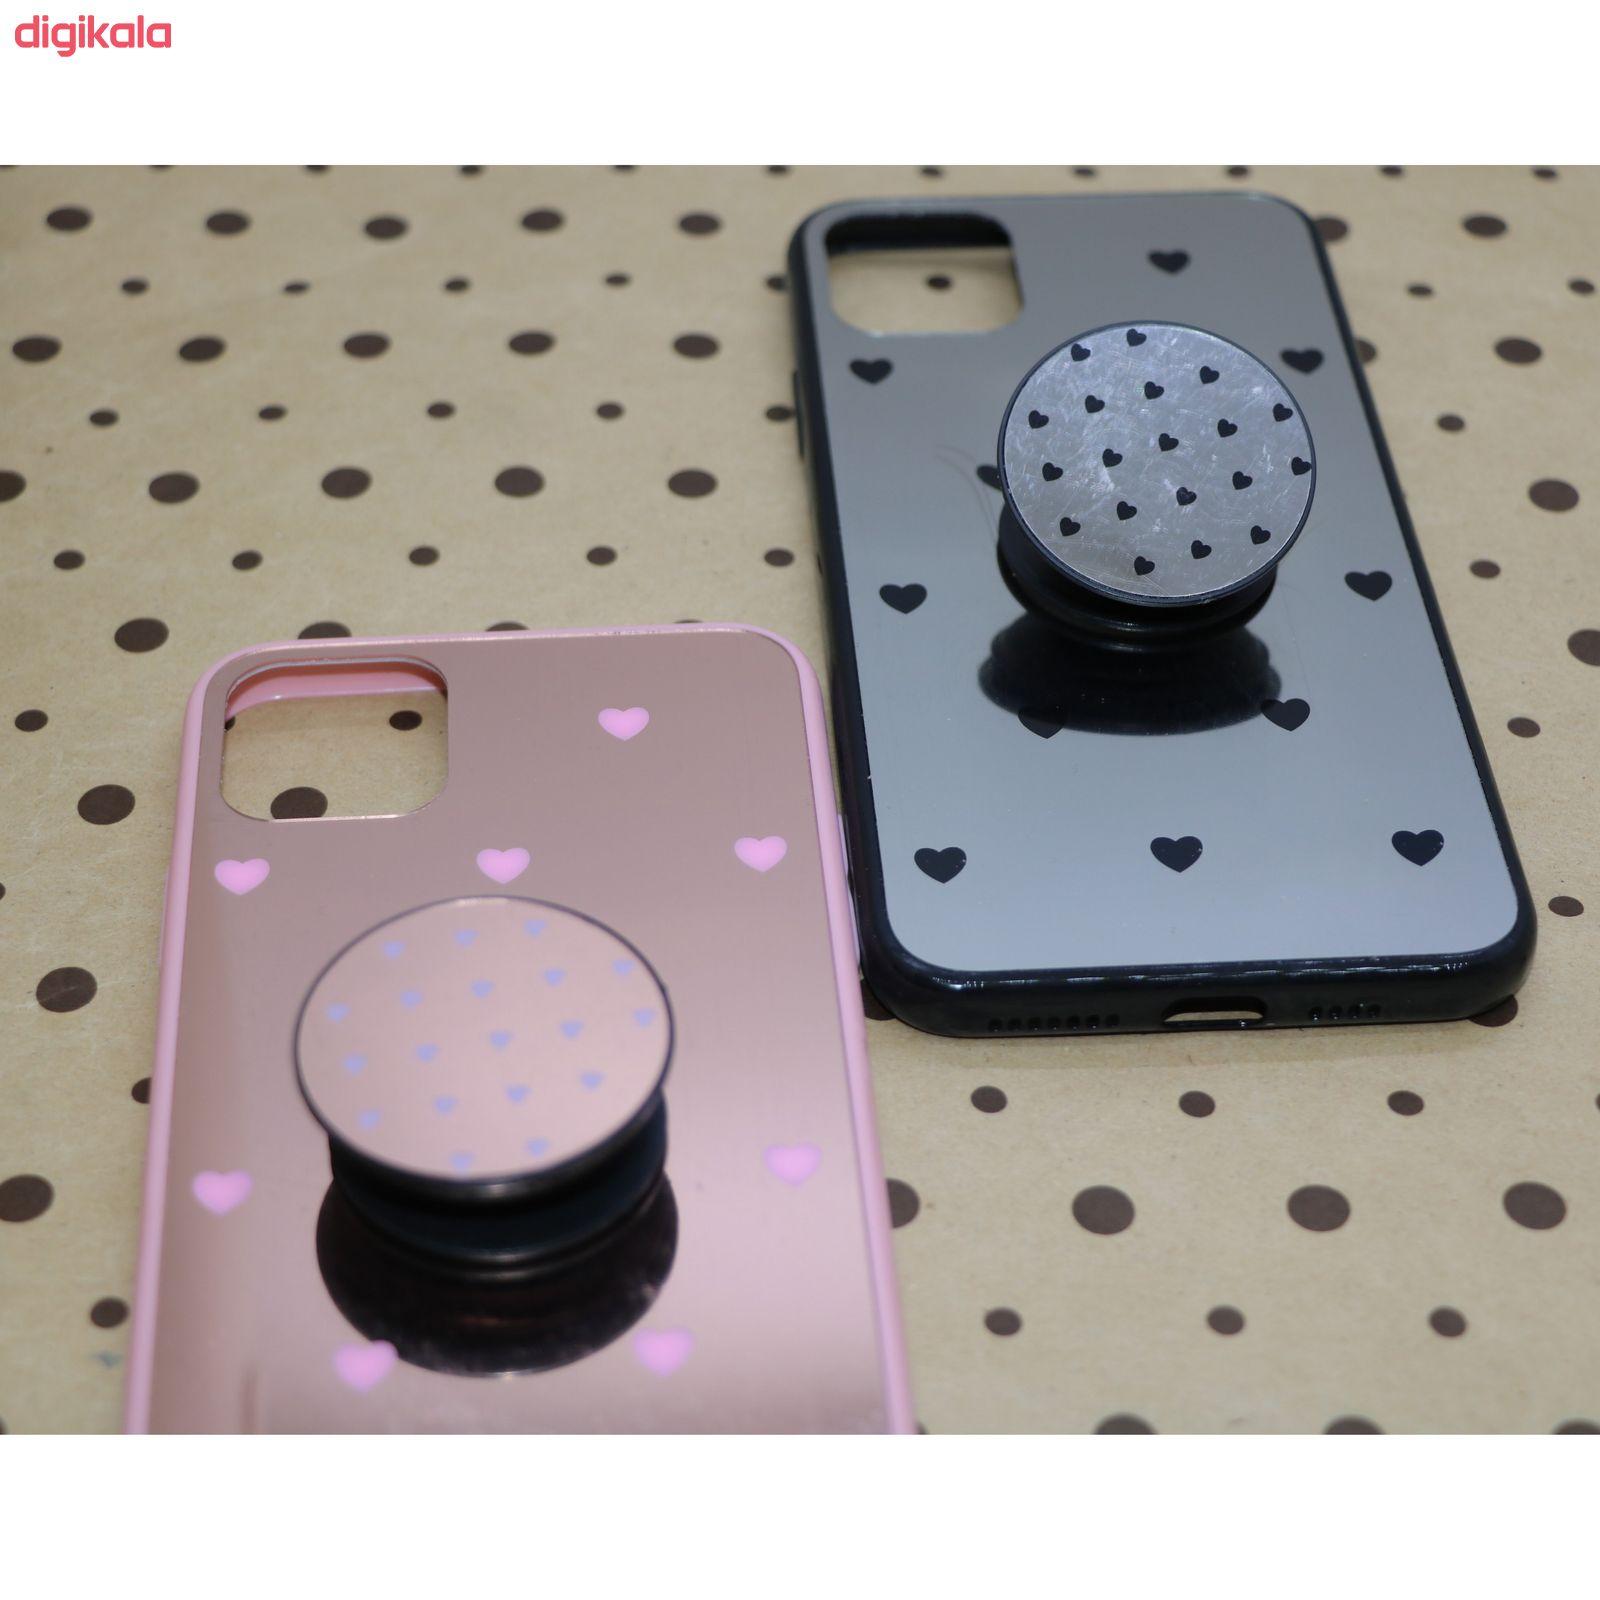 کاور طرح Heart مدل BH-01 مناسب برای گوشی موبایل اپل Iphone 11 به همراه نگهدارنده main 1 6